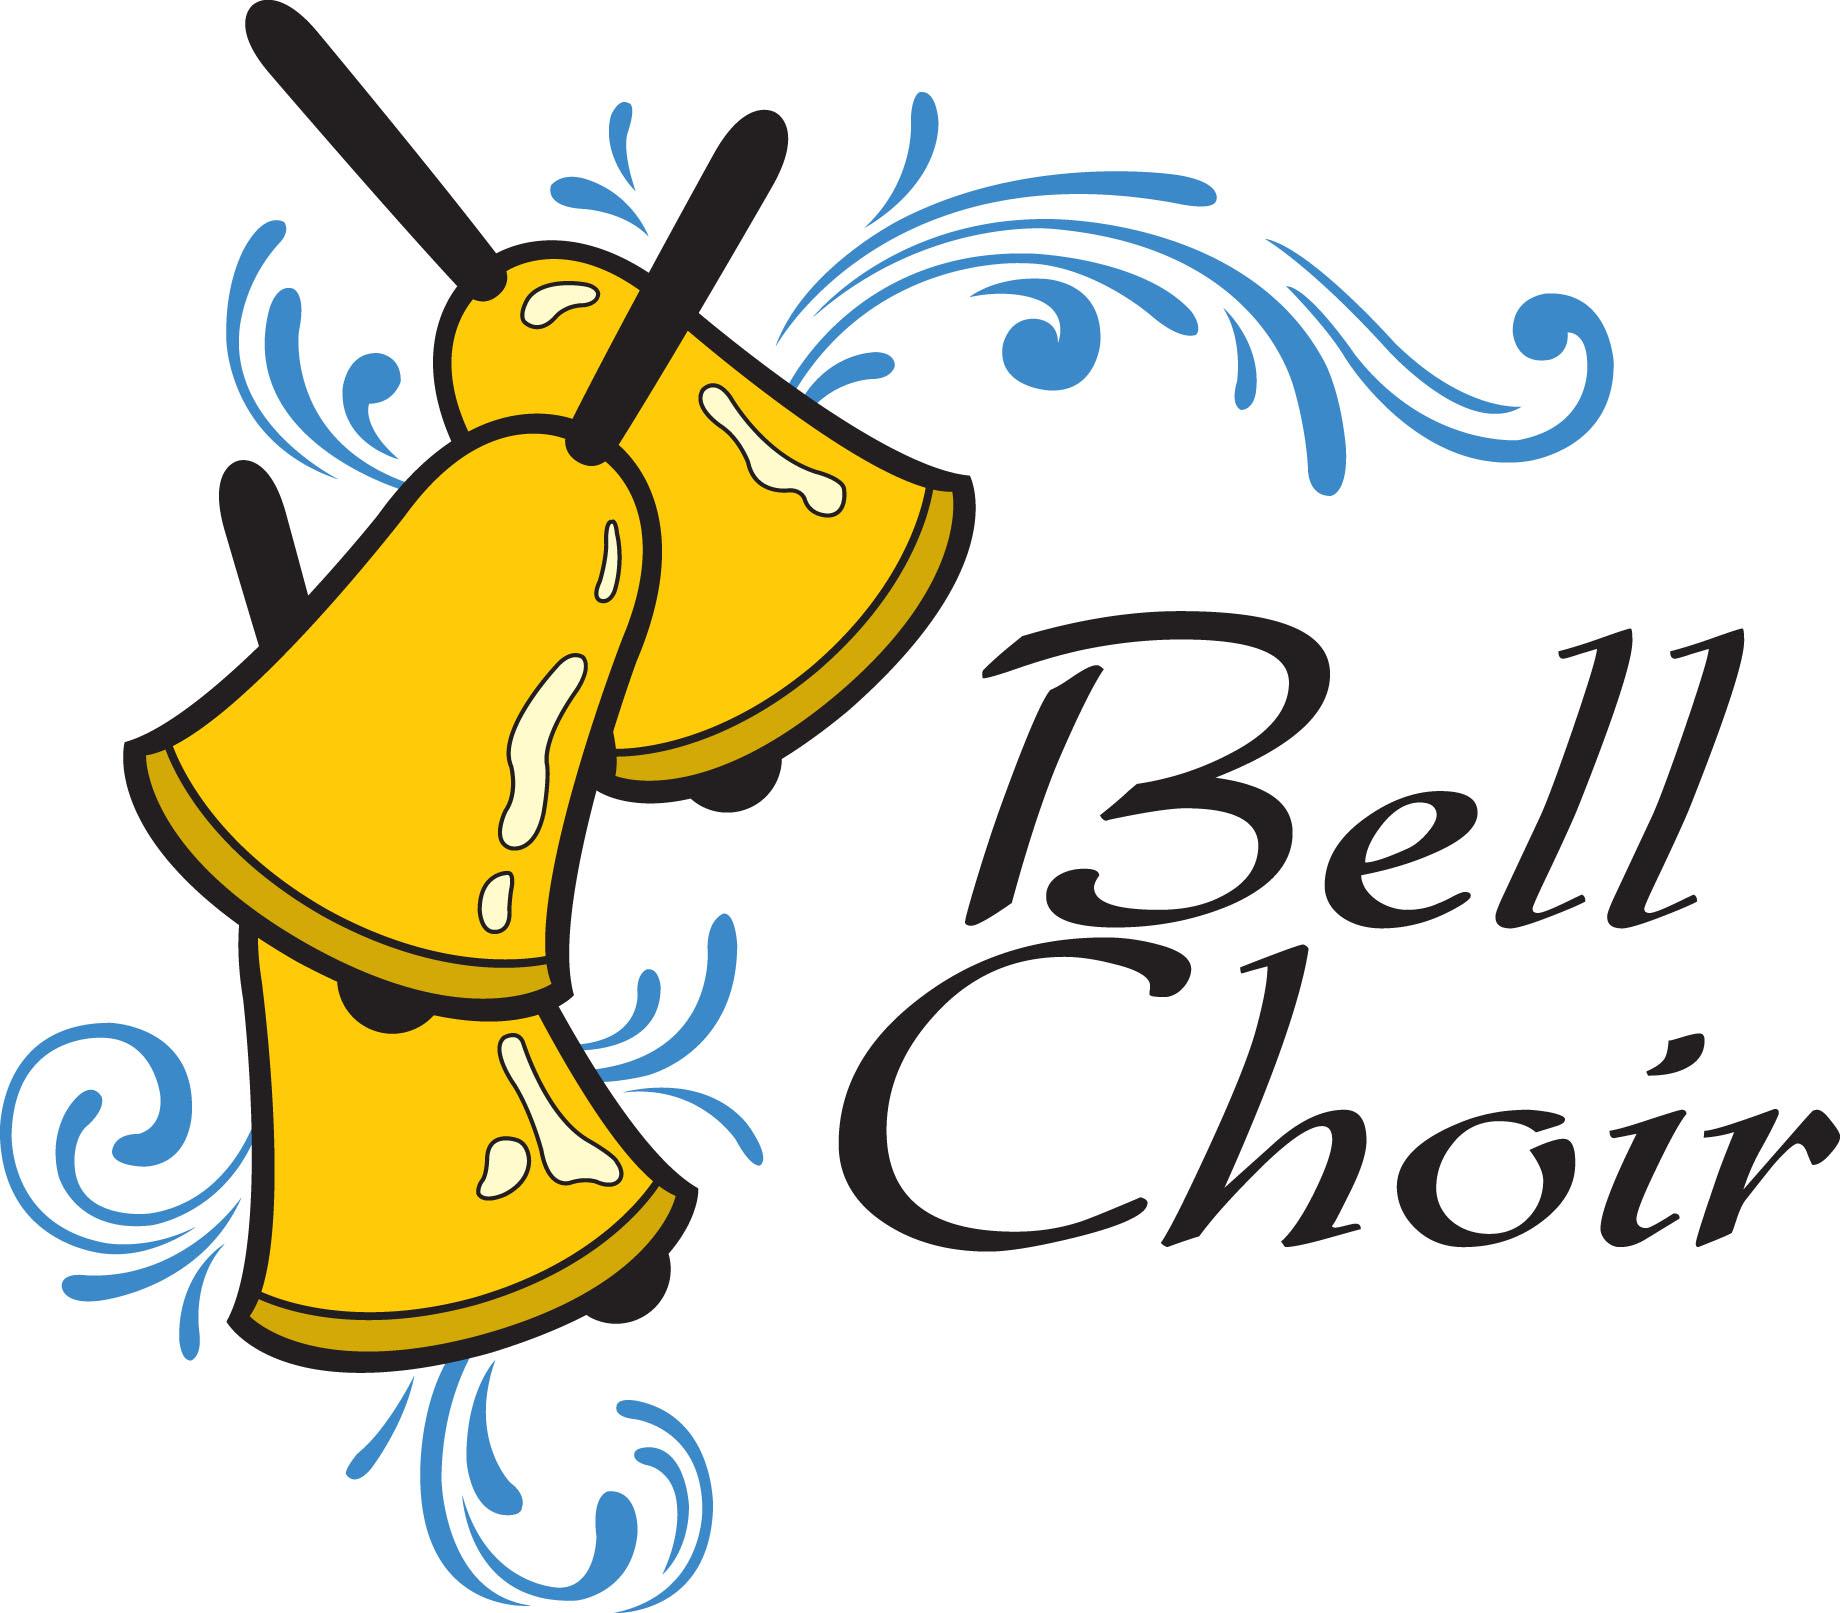 1840x1613 Choir Clipart, Suggestions For Choir Clipart, Download Choir Clipart